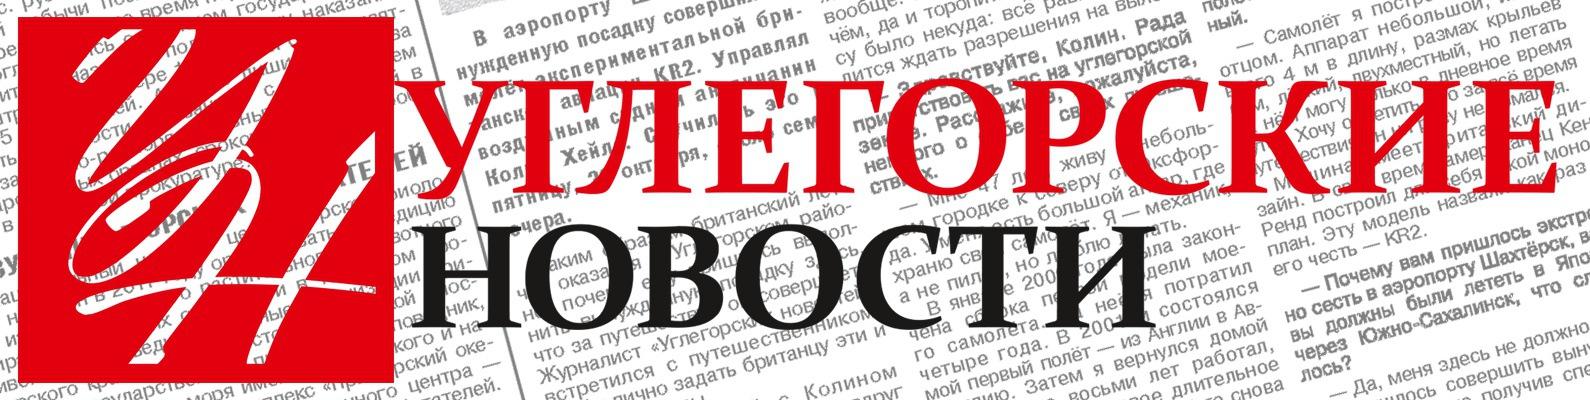 развлекательную газета углегорские новости сахалинская область использовании